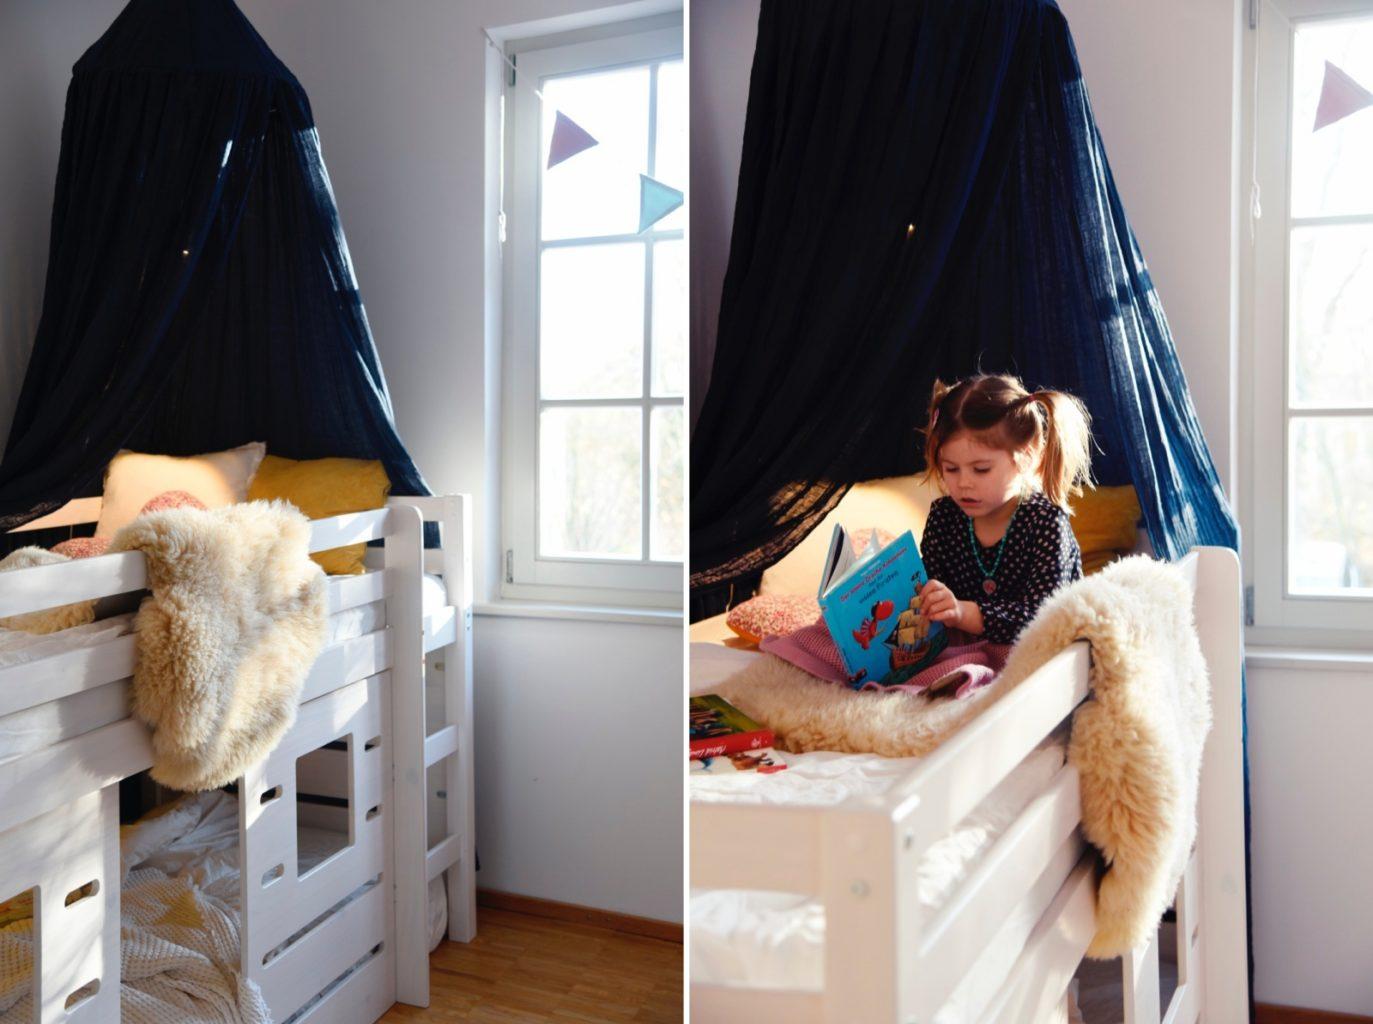 Full Size of Hurra Regal Kinderzimmer Weiß Insektenschutz Für Fenster Kleidung Fliesen Küche Spiegelschrank Bad Teppich Schaukel Garten Bilder Fürs Wohnzimmer Kinderzimmer Hochbetten Für Kinderzimmer